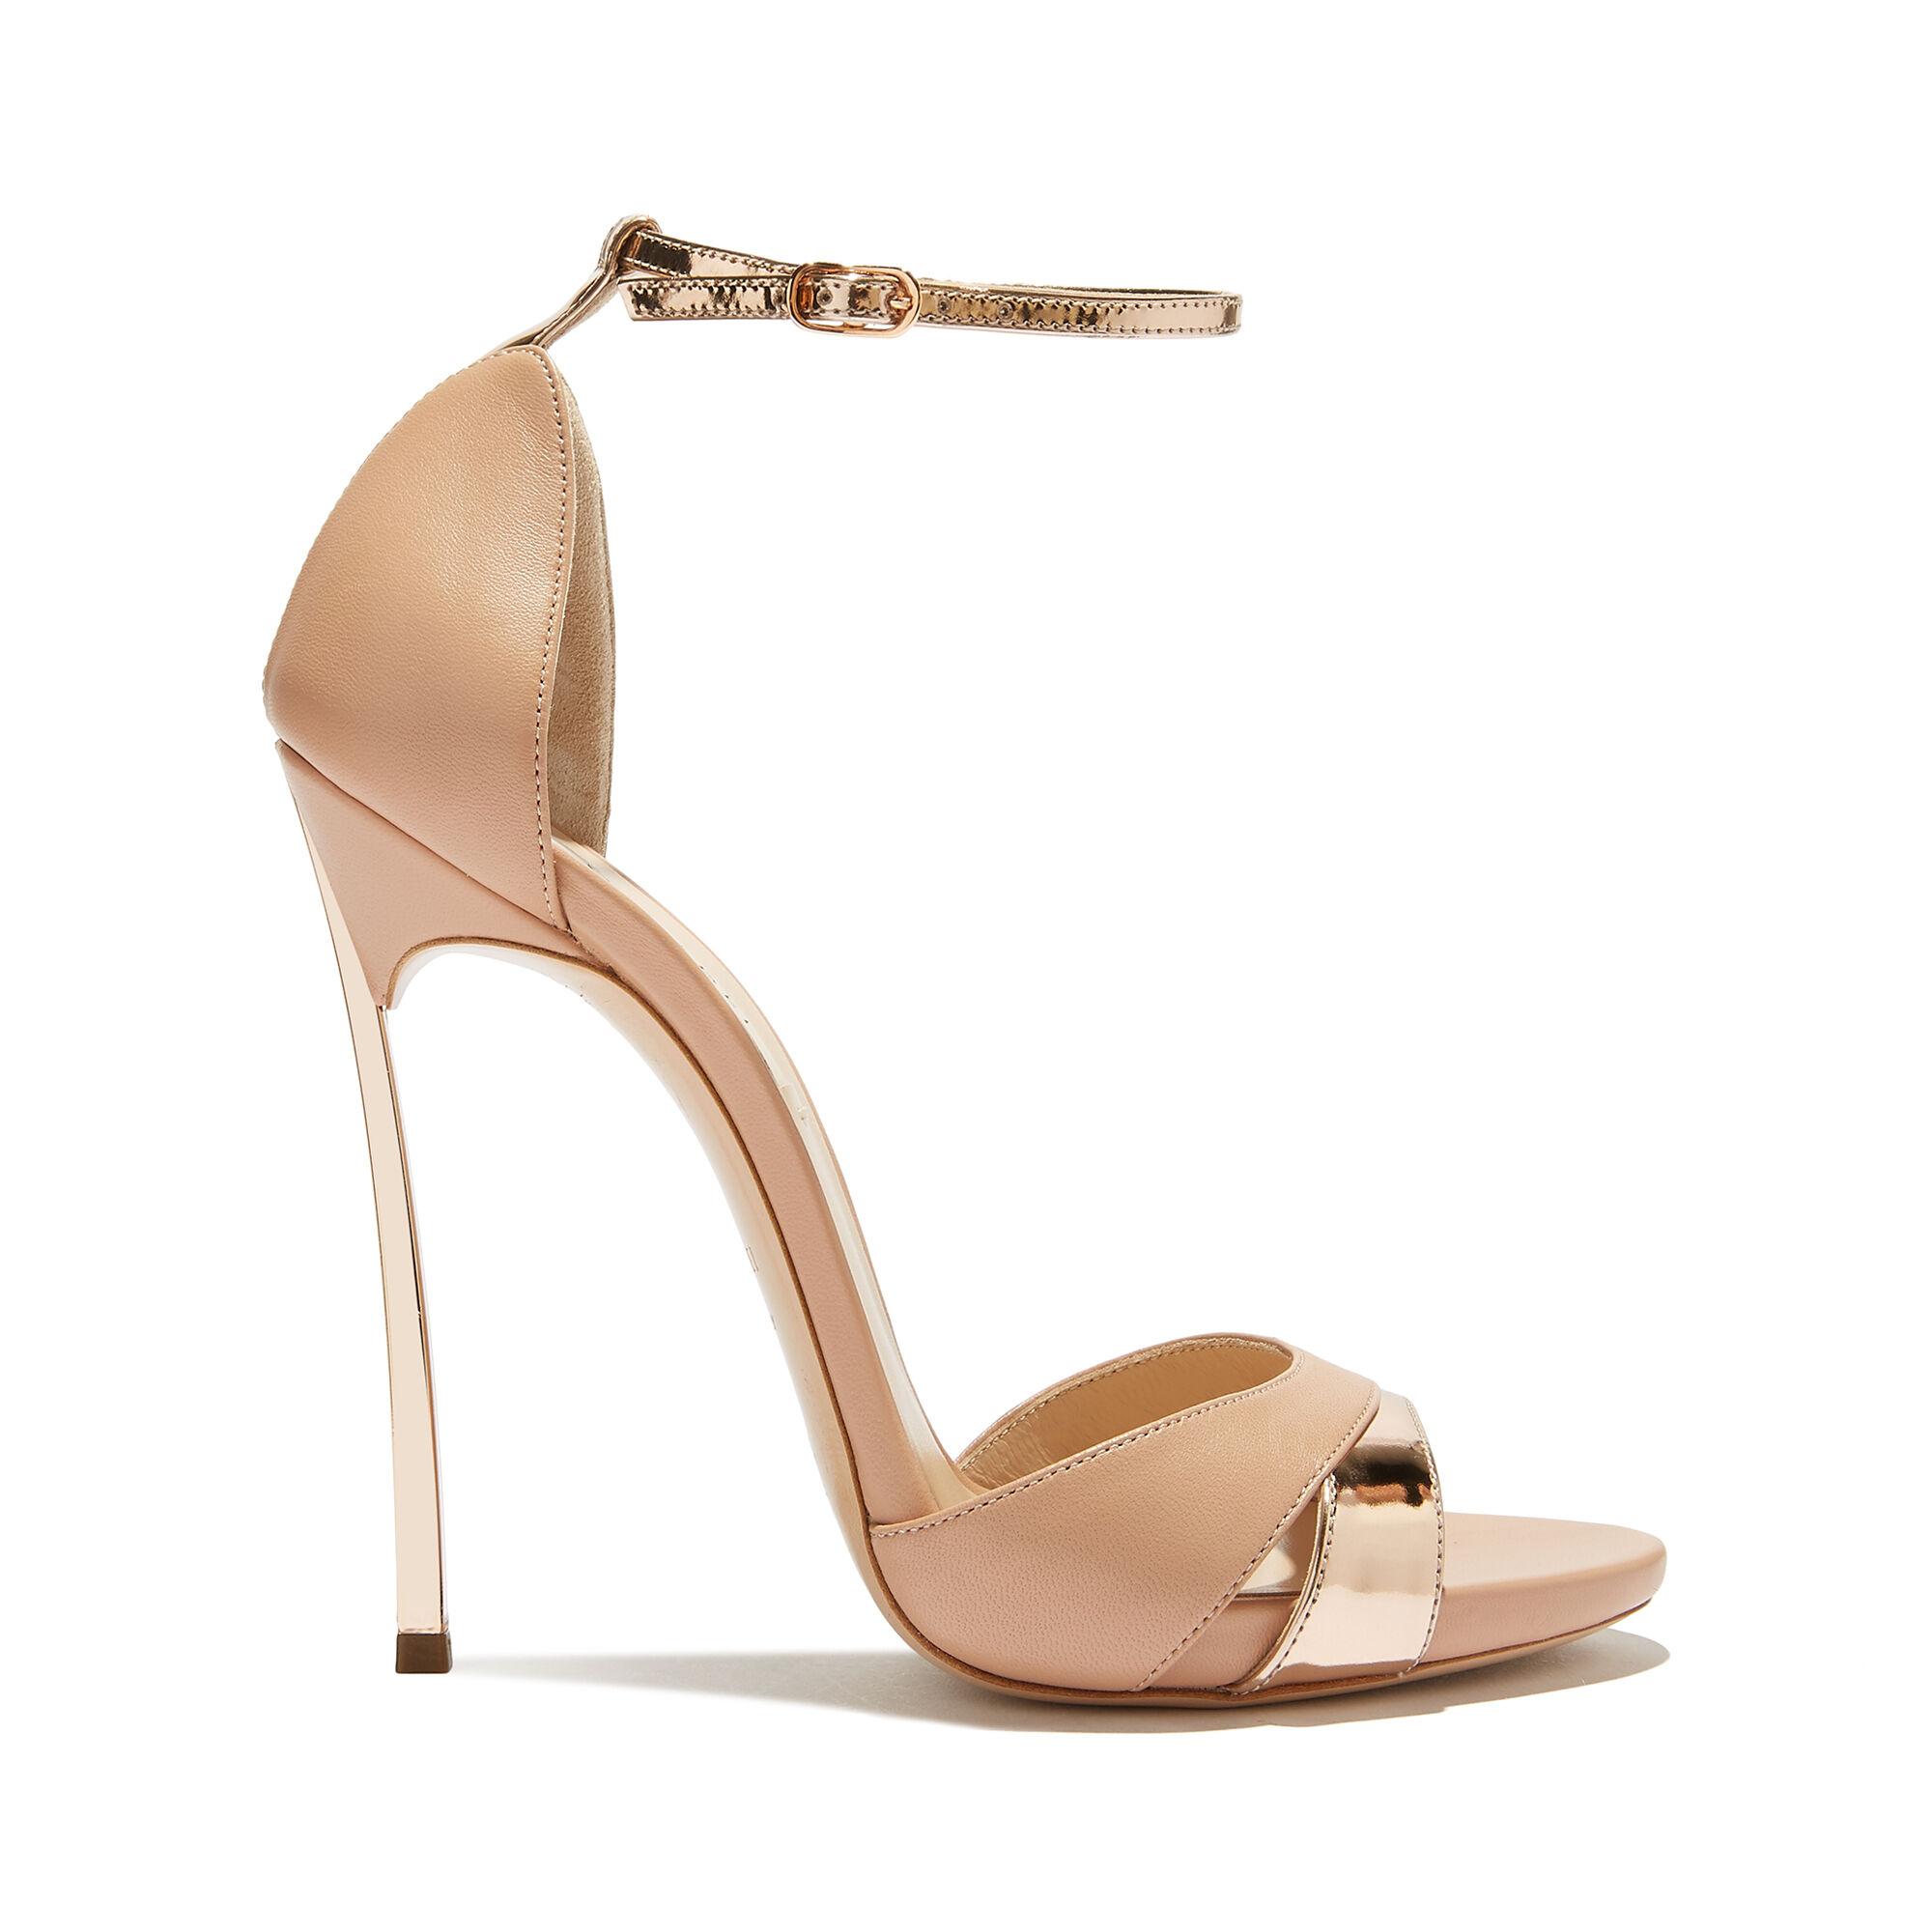 Casadei Pour Pour Femme Femme Casadei Sandales Casadei Pour Élégantes Sandales Sandales Élégantes Pour Élégantes Sandales Élégantes Femme qpAP6q